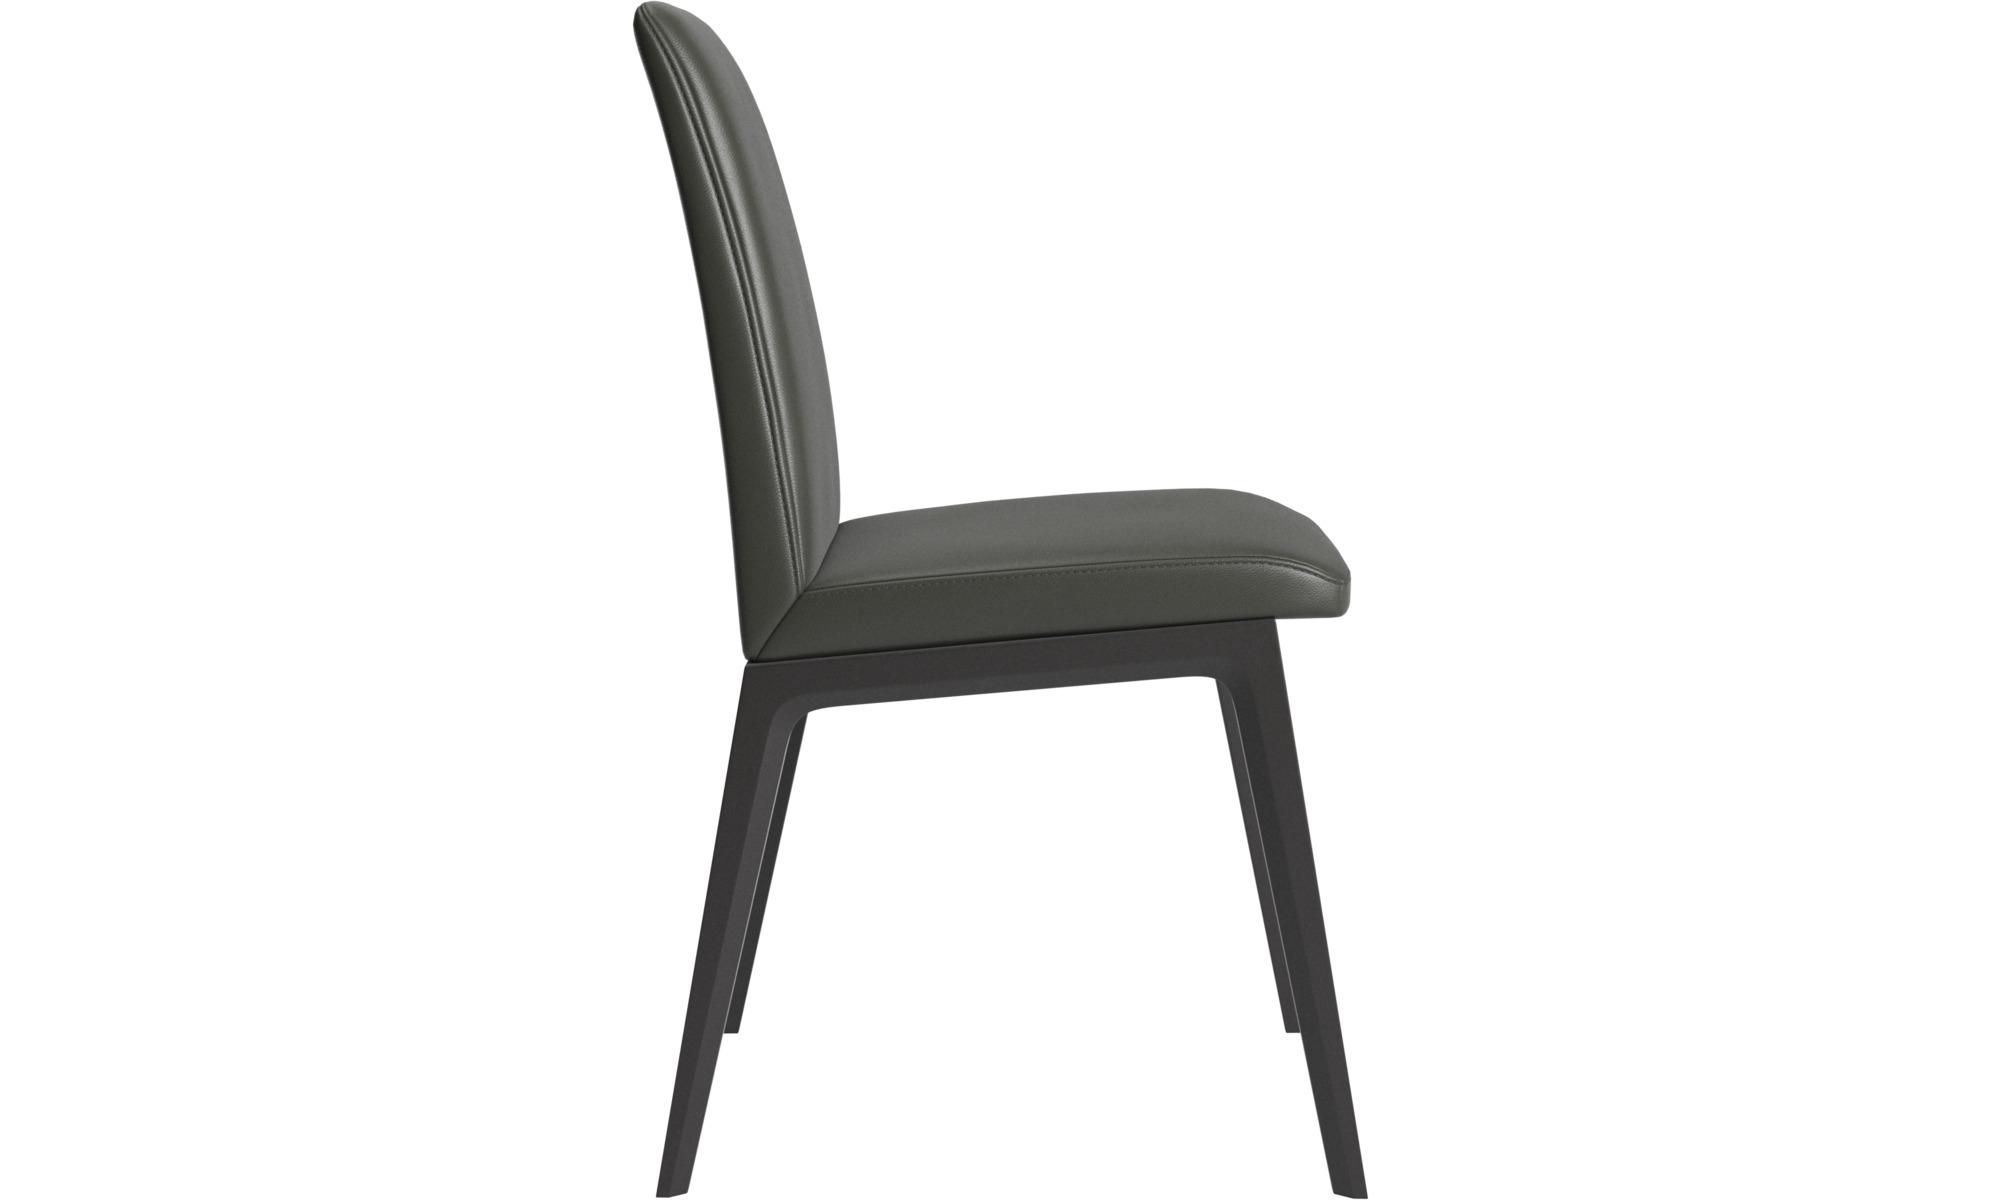 Verführerisch Stuhl Leder Grau Beste Wahl Esszimmerstühle - Anne - -